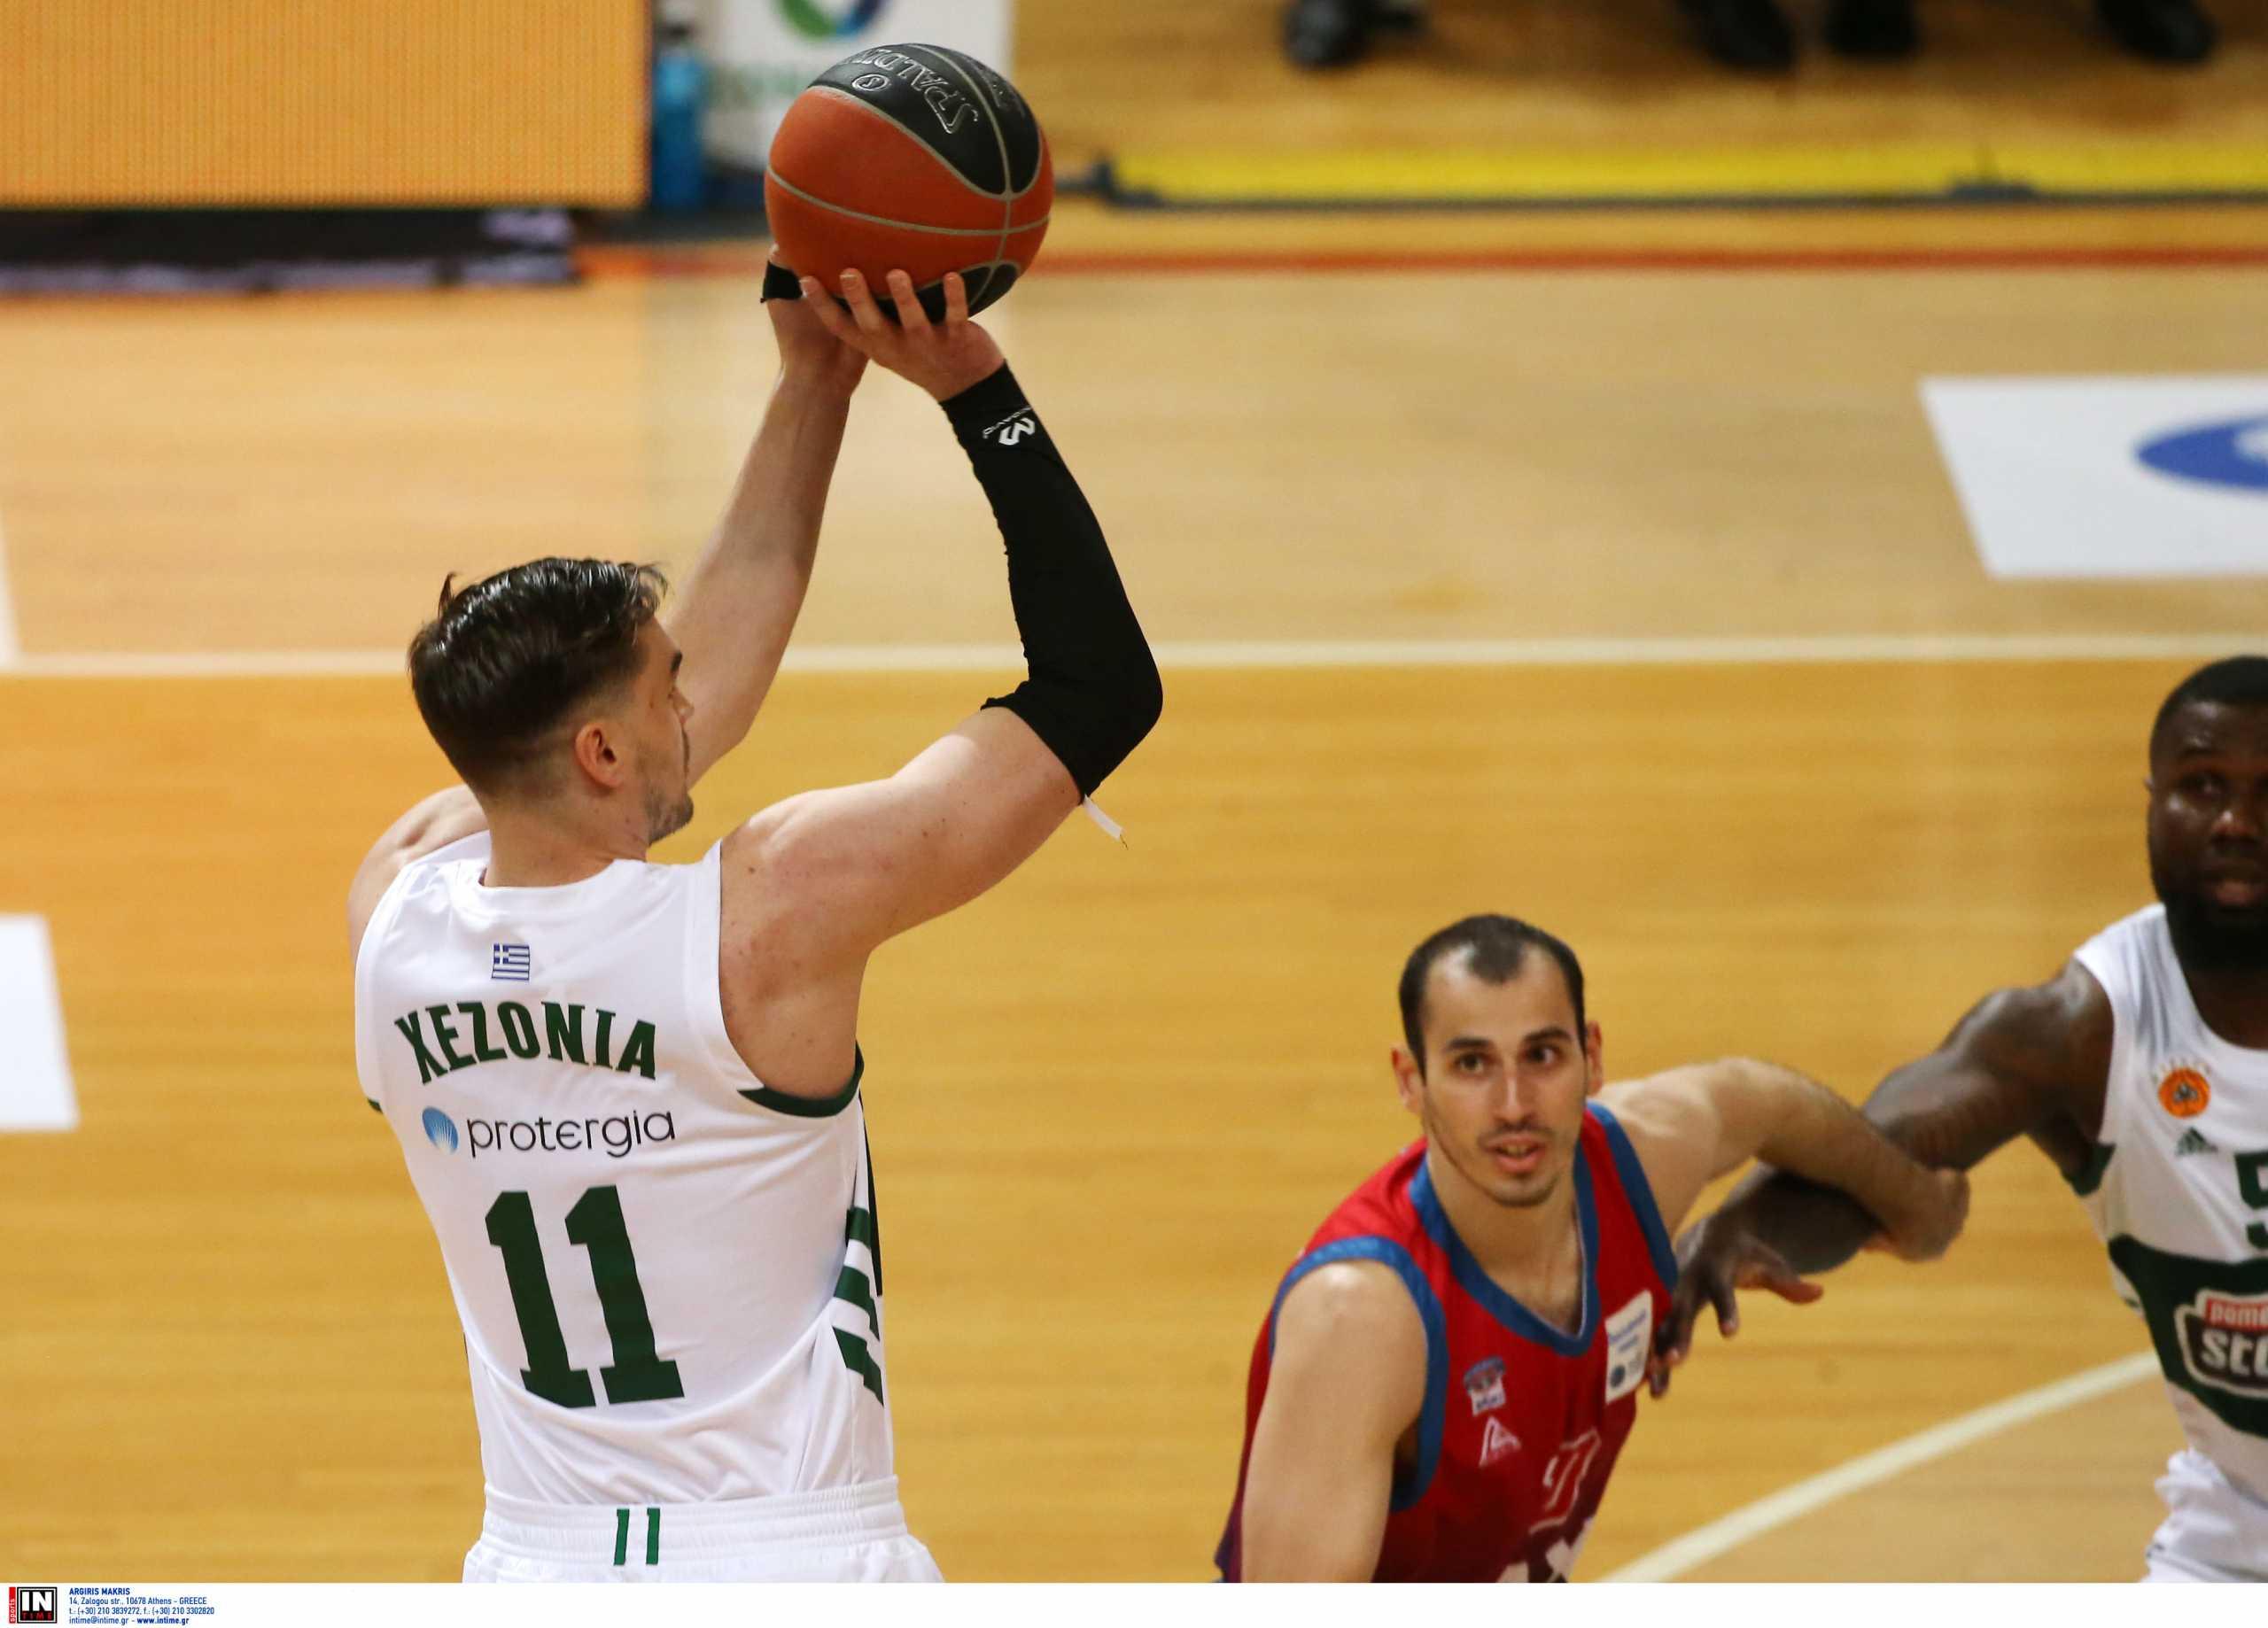 Ο Παναθηναϊκός «πυροβολεί» ακατάπαυστα στην Basket League (video)